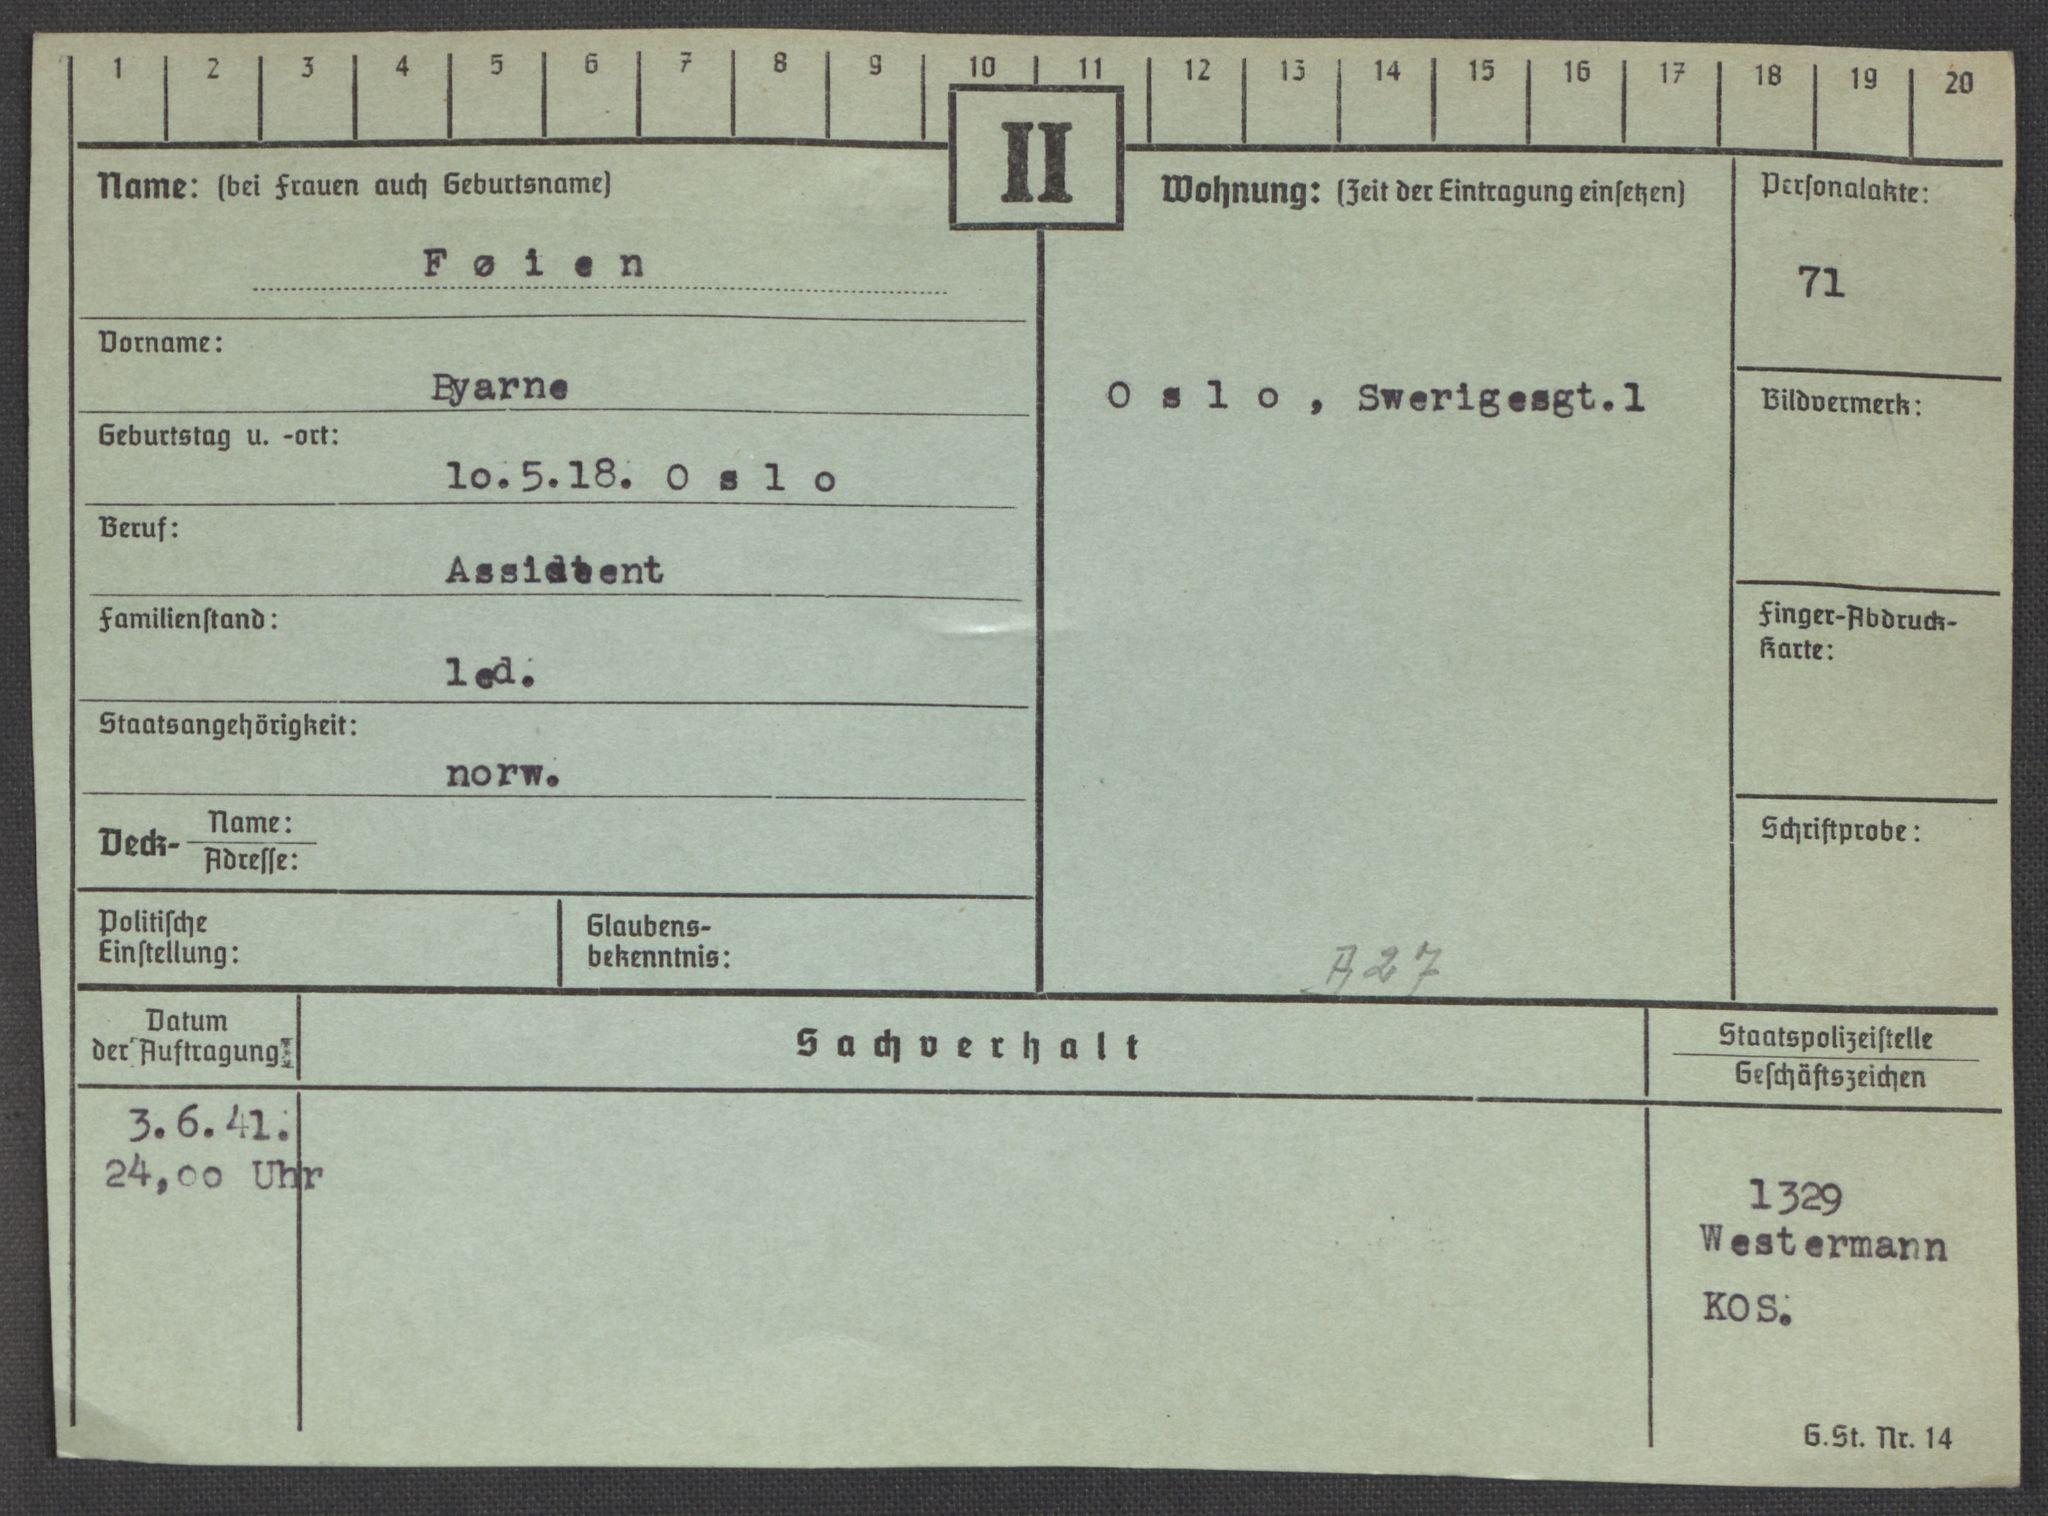 RA, Befehlshaber der Sicherheitspolizei und des SD, E/Ea/Eaa/L0003: Register over norske fanger i Møllergata 19: Eng-Hag, 1940-1945, s. 689